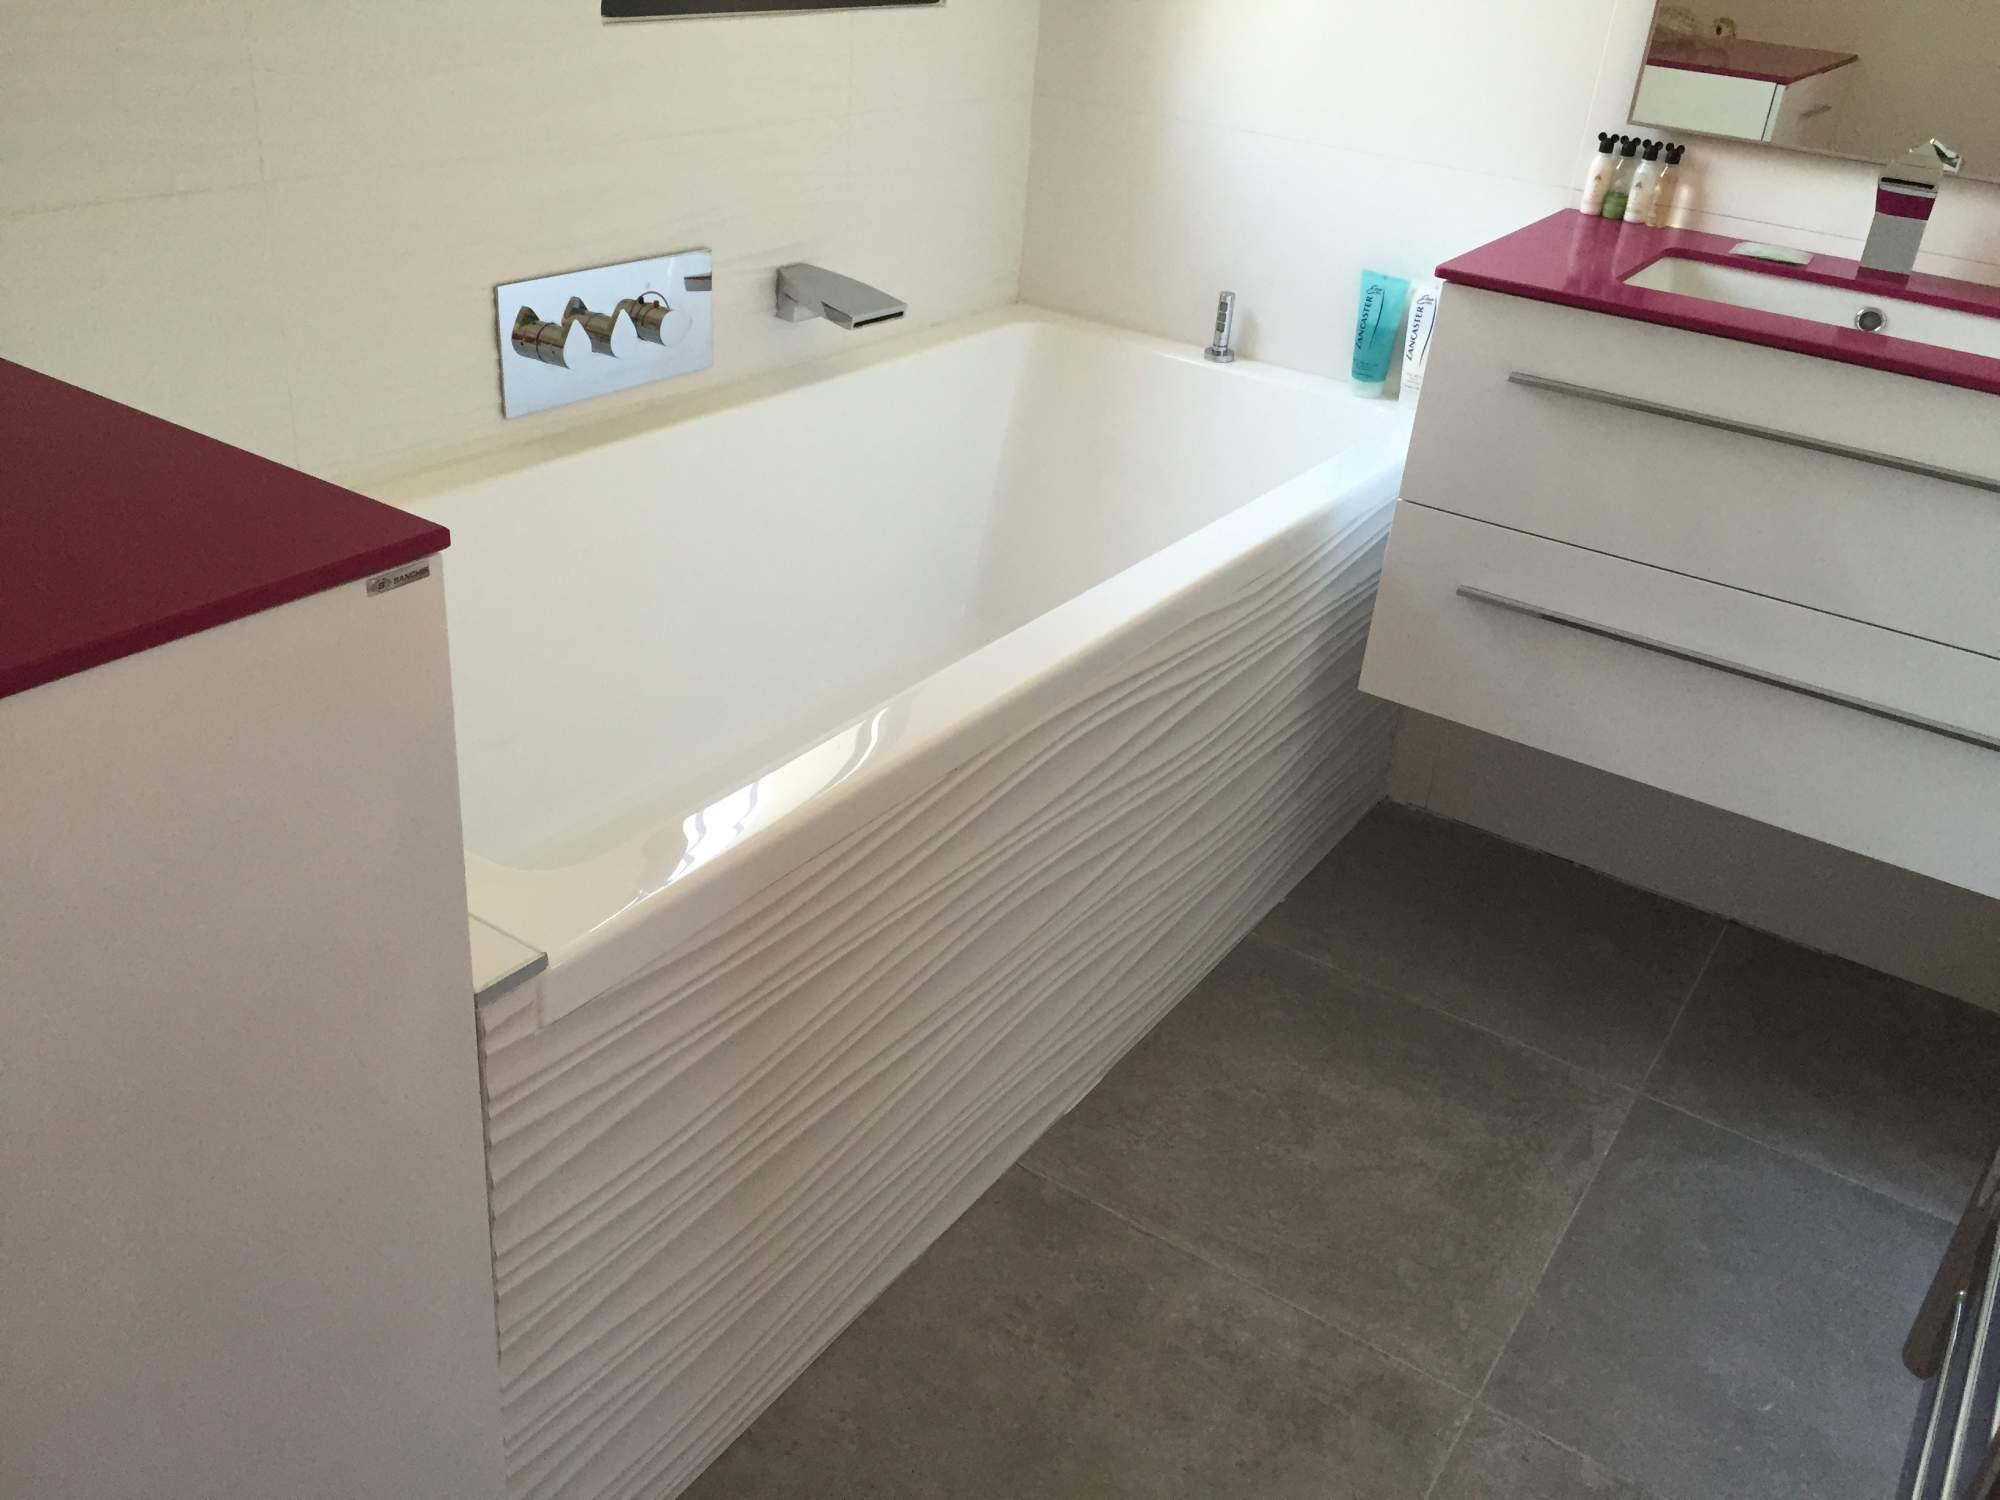 pose de carrelage sol et murs pour salle de bains aix en provence carrelage int rieur et. Black Bedroom Furniture Sets. Home Design Ideas